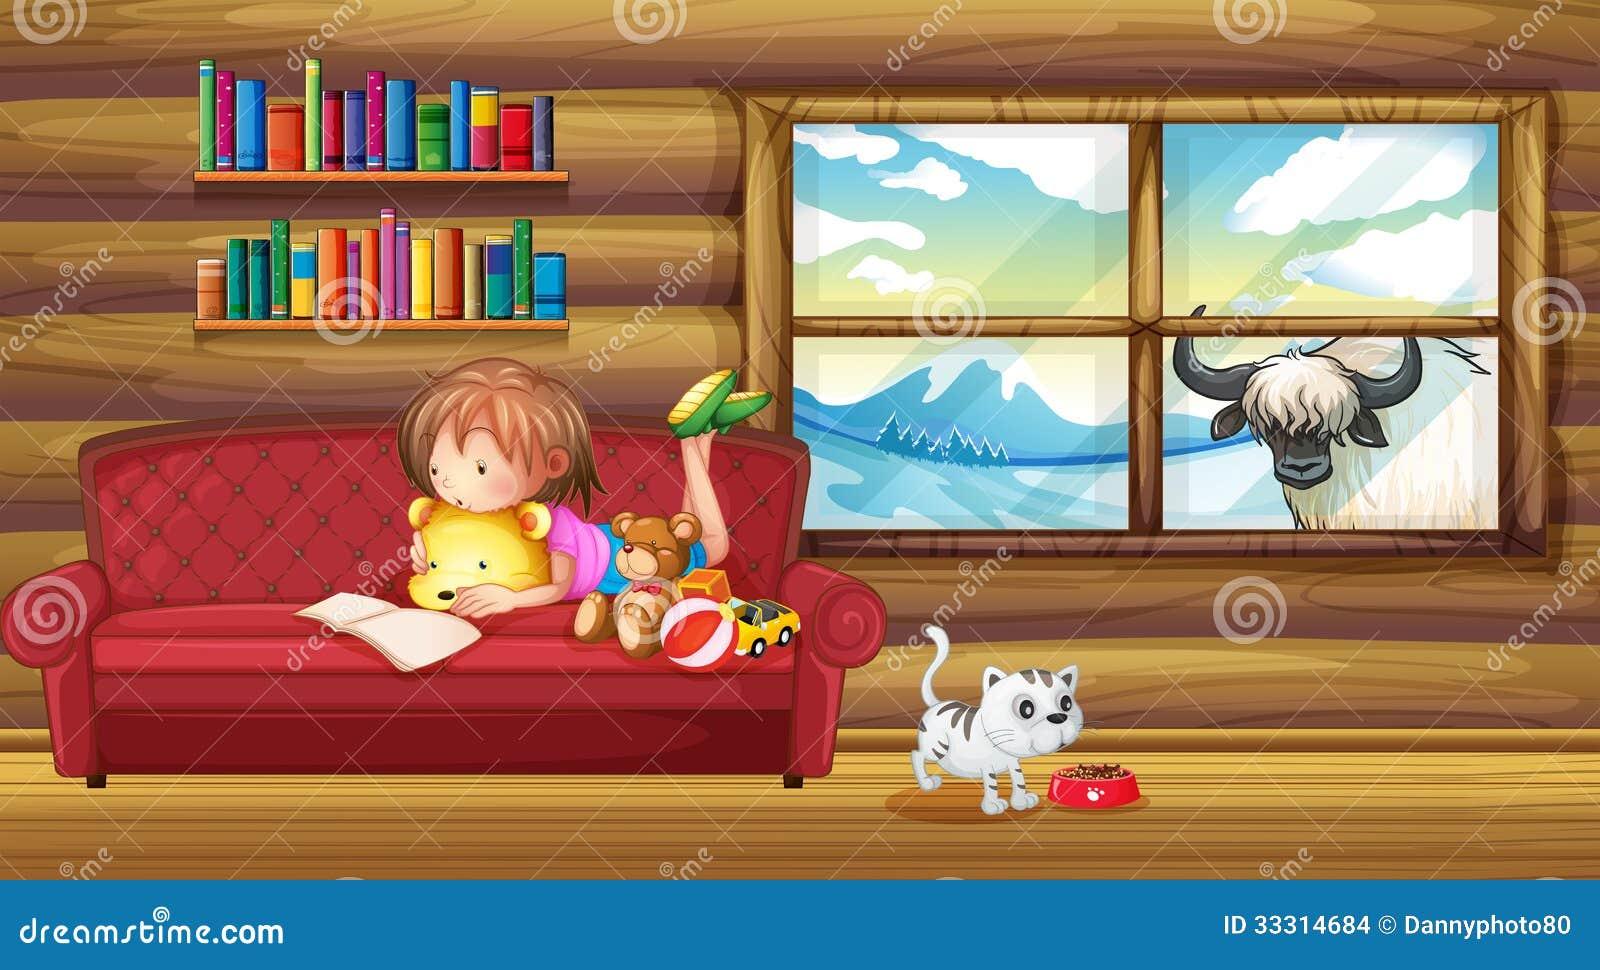 Een klein meisje die een boek lezen stock afbeeldingen afbeelding 33314684 - Klein meisje idee ...